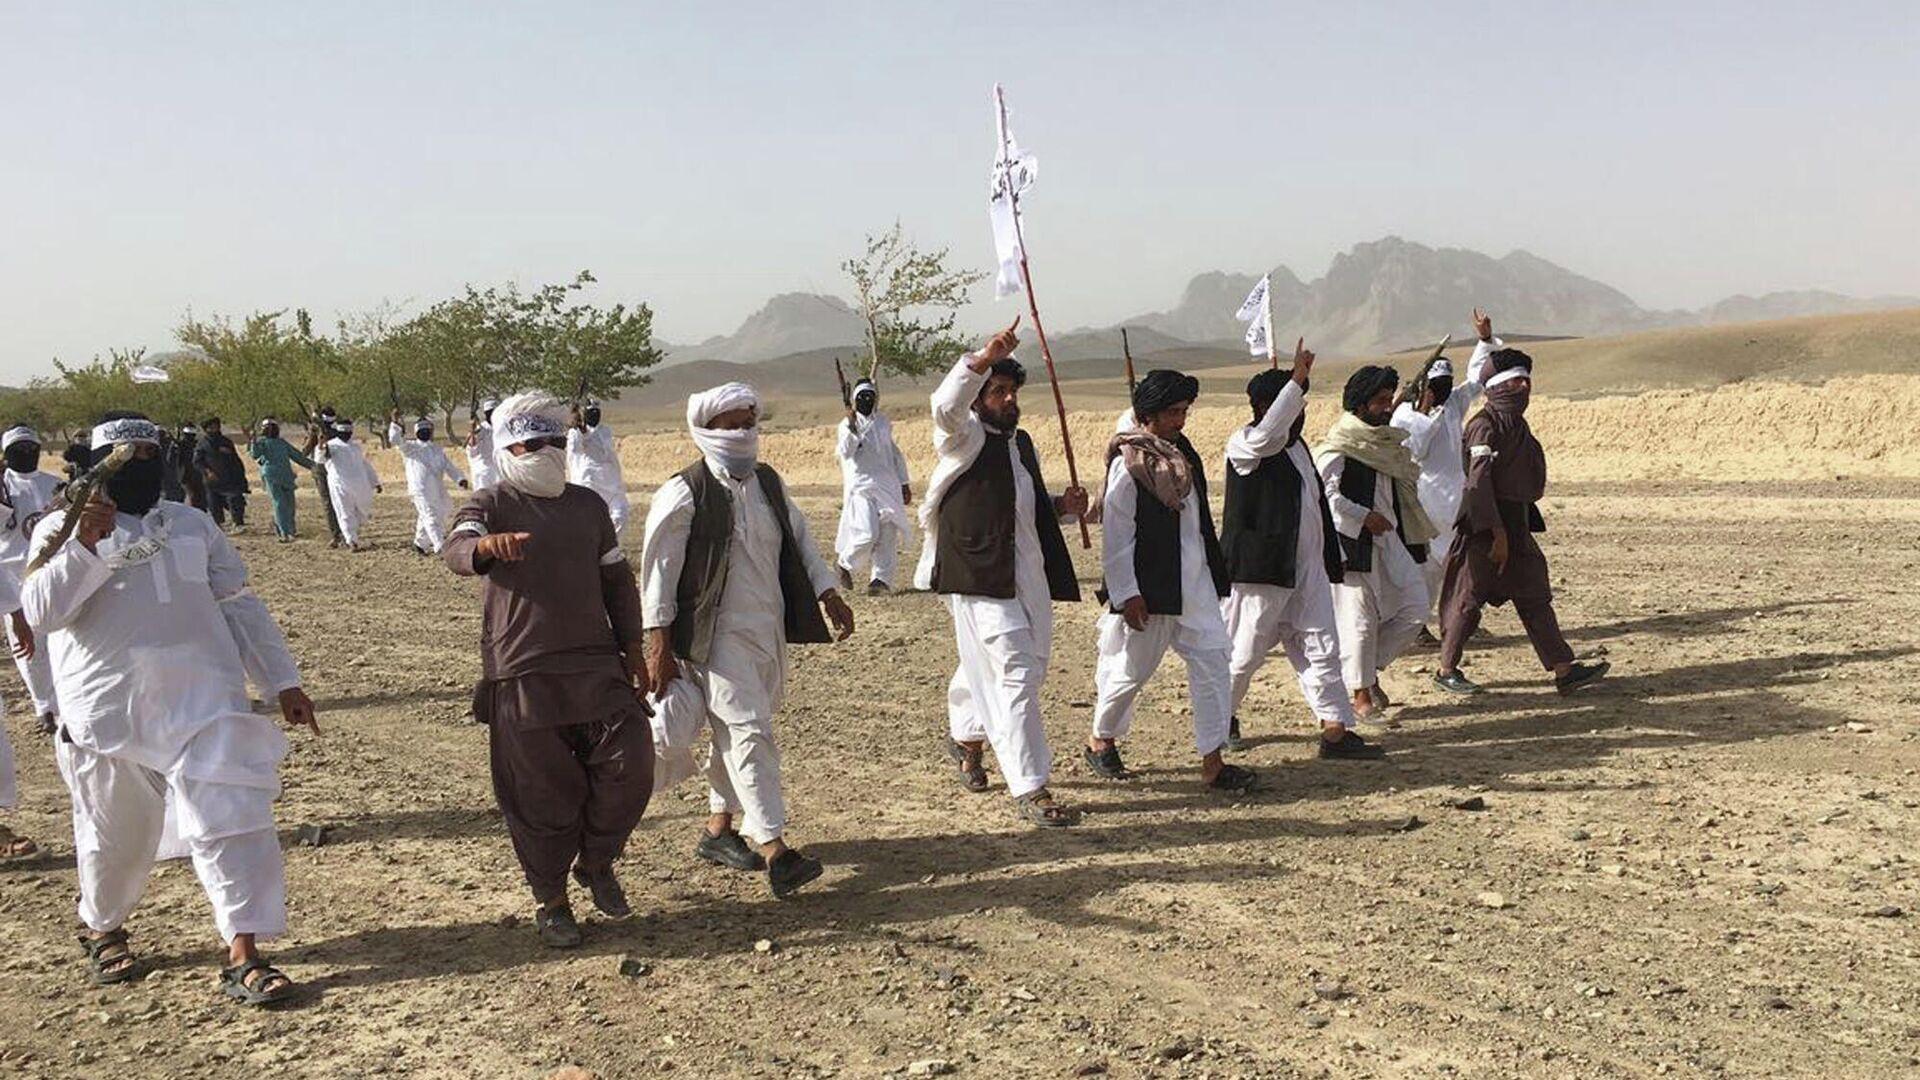 Вооруженные люди в Афганистане - Sputnik Узбекистан, 1920, 12.07.2021